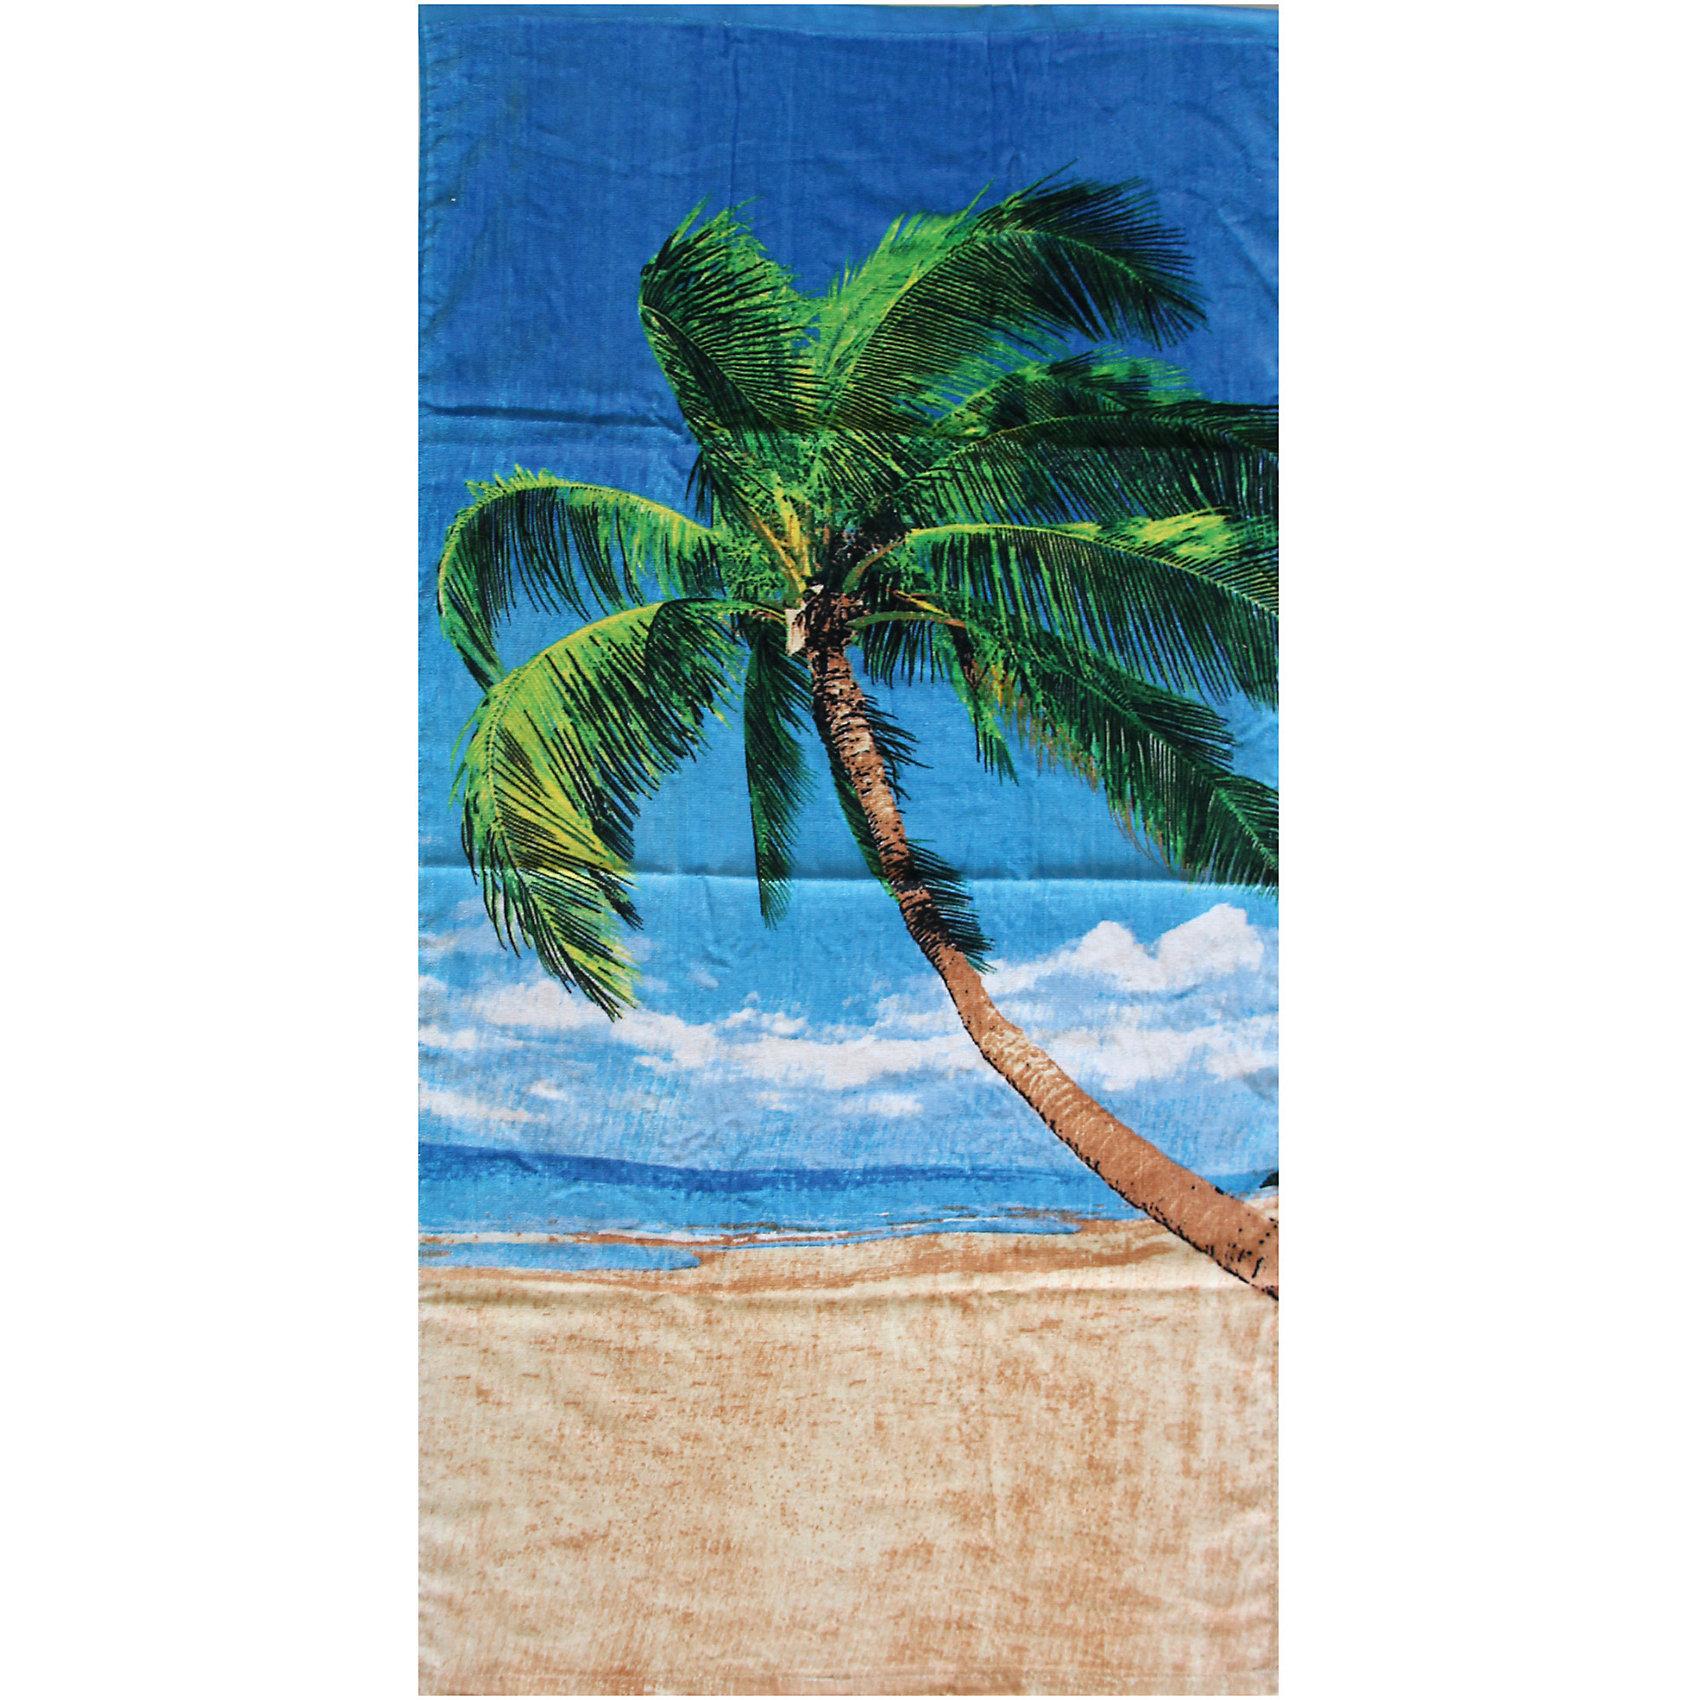 Пляжное полотенце Пальма 60*120 смПляжное полотенце Пальма 60*120 см – это удобное, яркое полотенце станет для ребенка незаменимым компаньоном после купания.<br>Пляжное полотенце Пальма пригодится на пляже, в бассейне, да везде, где есть вода. Полотенце с яркой расцветкой поднимет настроение и подарит много положительных эмоций. Им можно вытереть мокрое тело после купания или просто постелить на шезлонге или песке. Полотенце мягкое, легкое, хорошо впитывает влагу, сделано из 100% хлопка.<br><br>Дополнительная информация:<br><br>- Размер: 60х120 см.<br>- Материал: хлопок 100%<br><br>Пляжное полотенце Пальма 60*120 см можно купить в нашем интернет-магазине.<br><br>Ширина мм: 320<br>Глубина мм: 210<br>Высота мм: 30<br>Вес г: 224<br>Возраст от месяцев: 24<br>Возраст до месяцев: 192<br>Пол: Унисекс<br>Возраст: Детский<br>SKU: 4079861